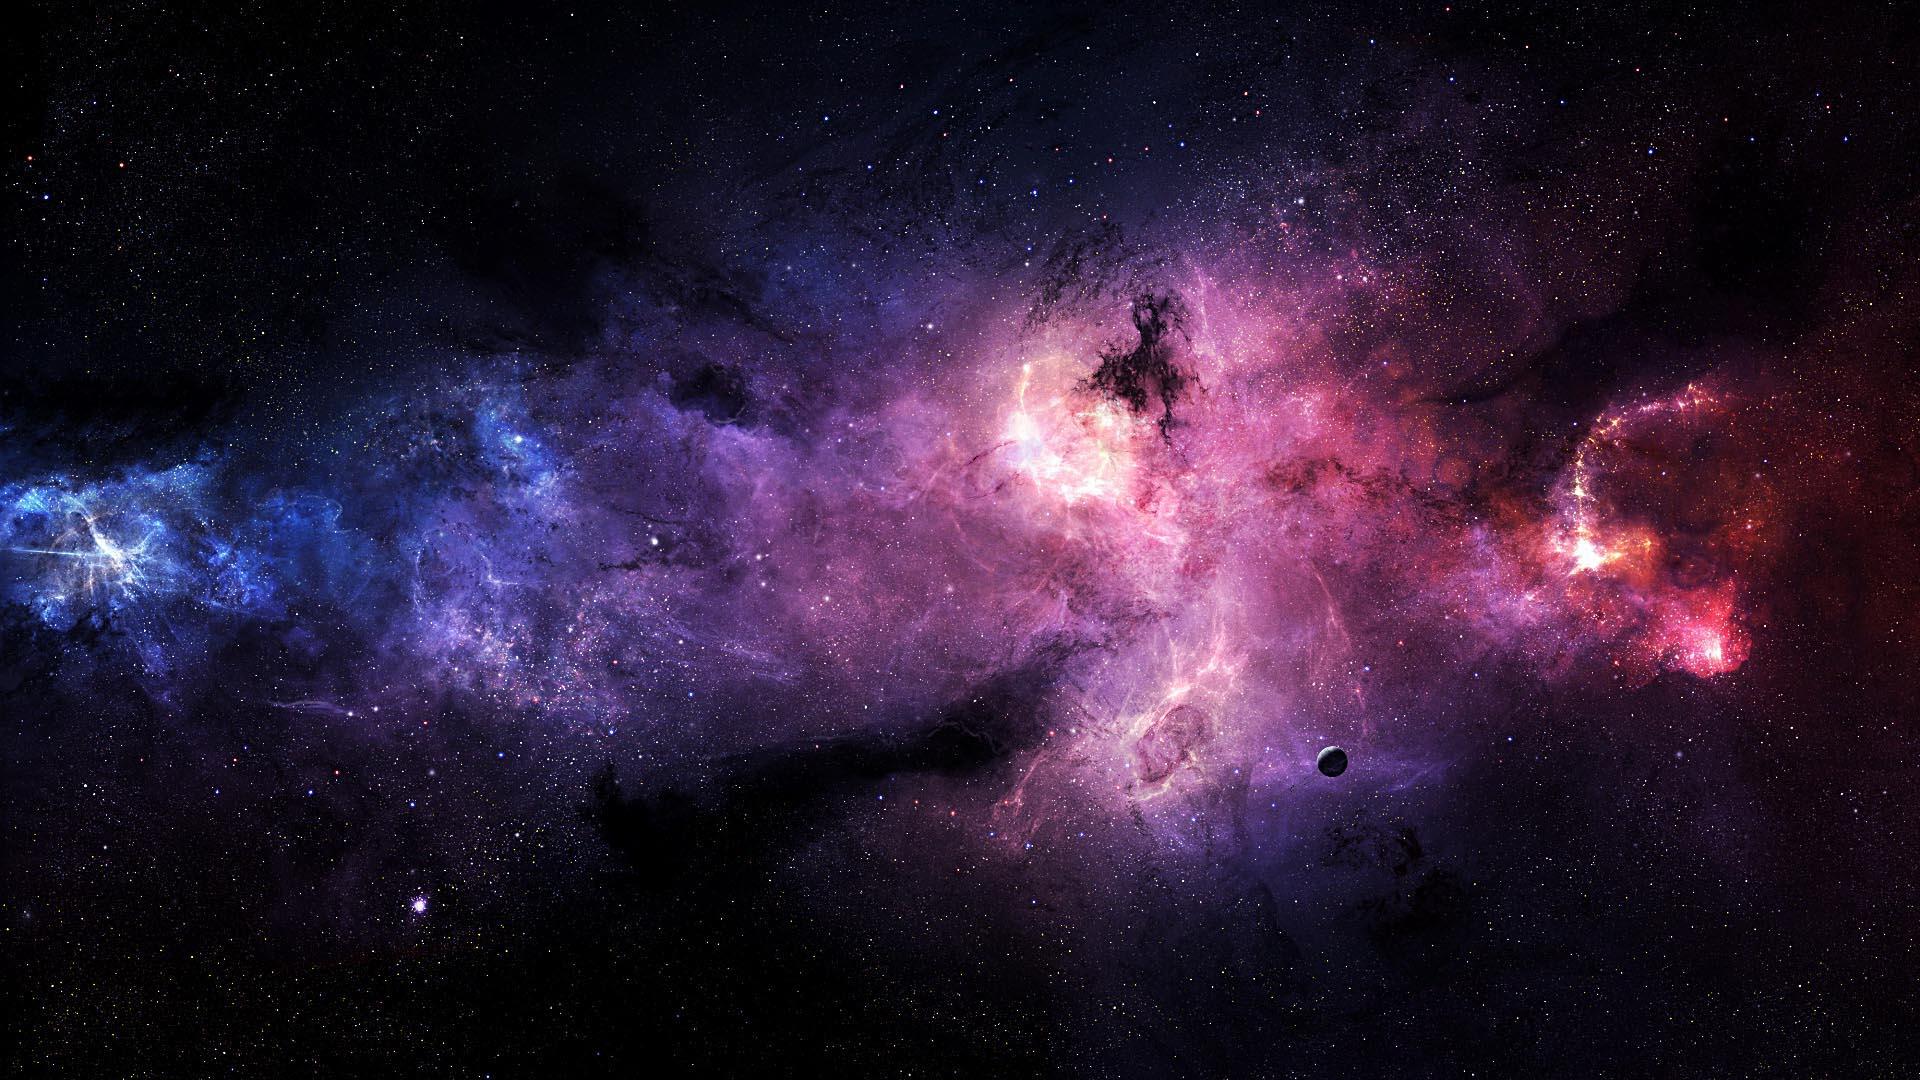 Galaxy Wallpaper HD 8184